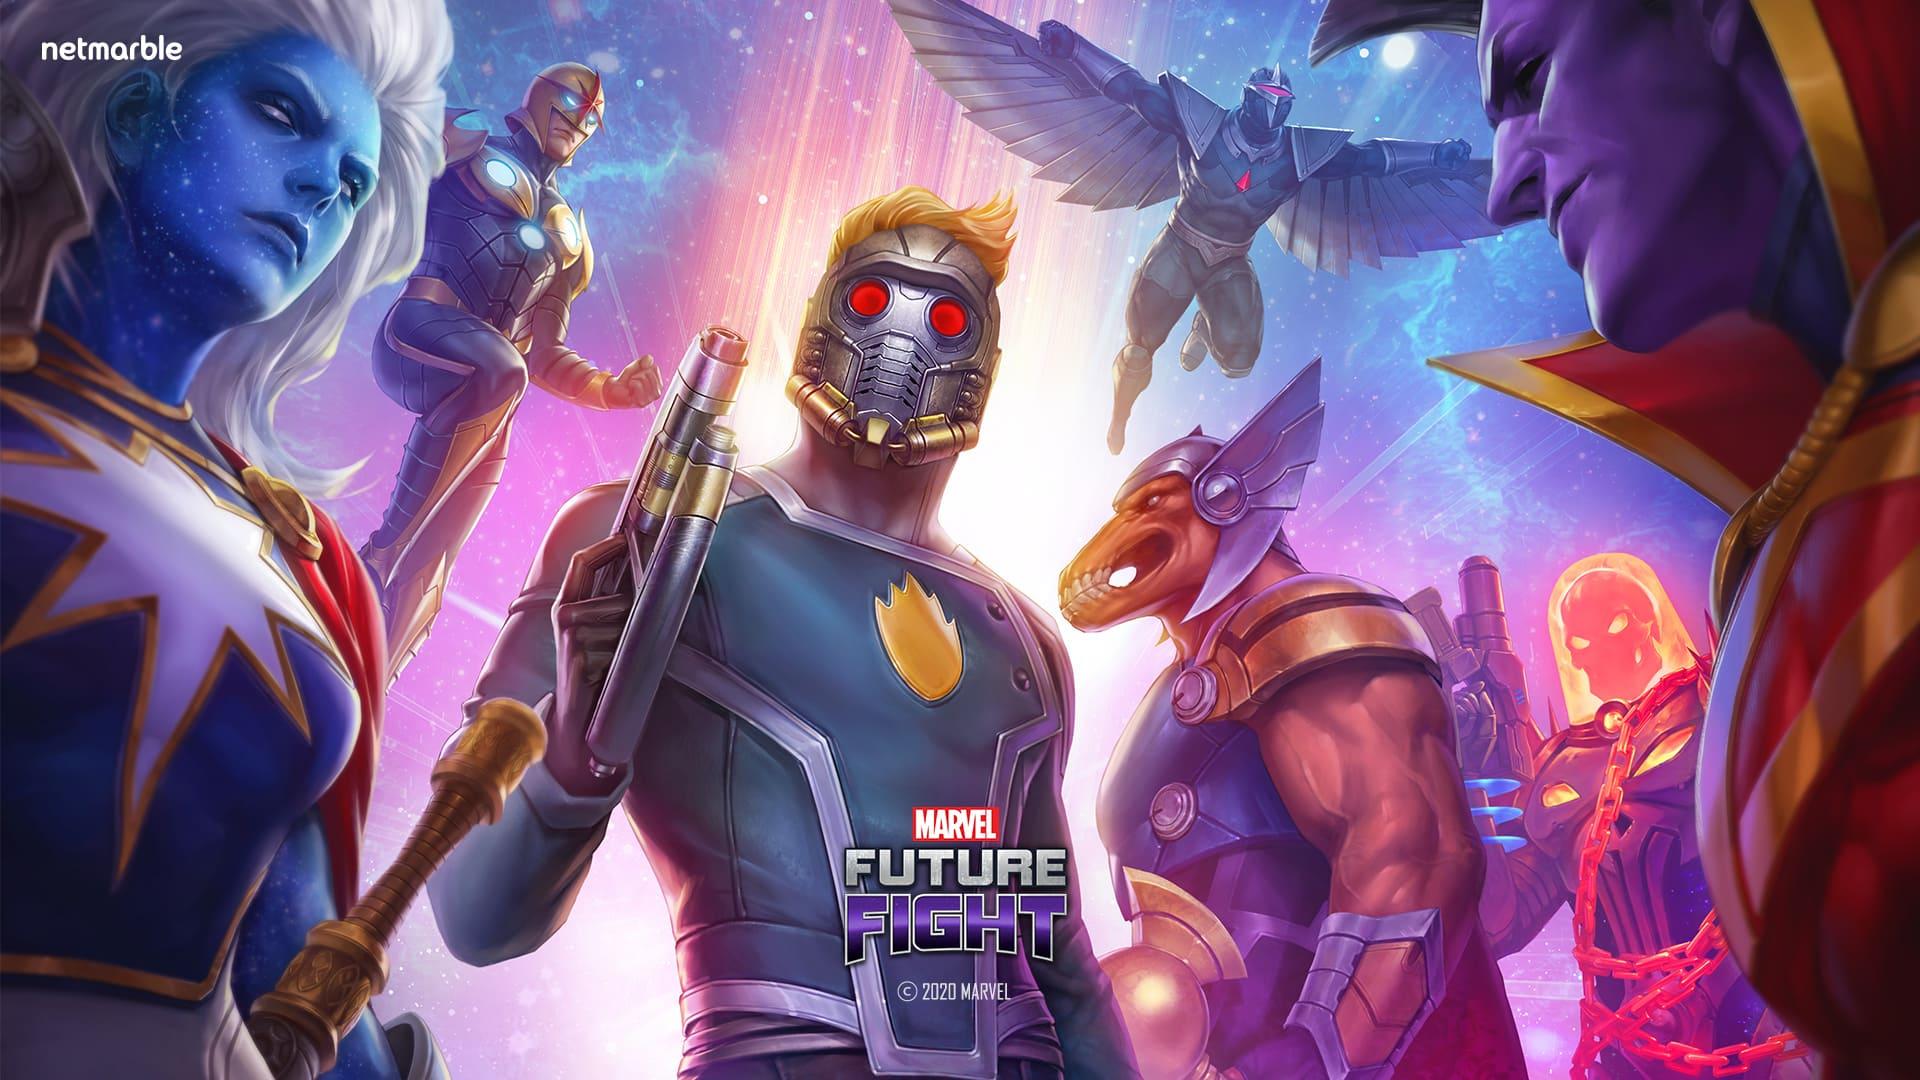 來自「星際異攻隊」的英雄  加入《MARVEL未來之戰》參戰